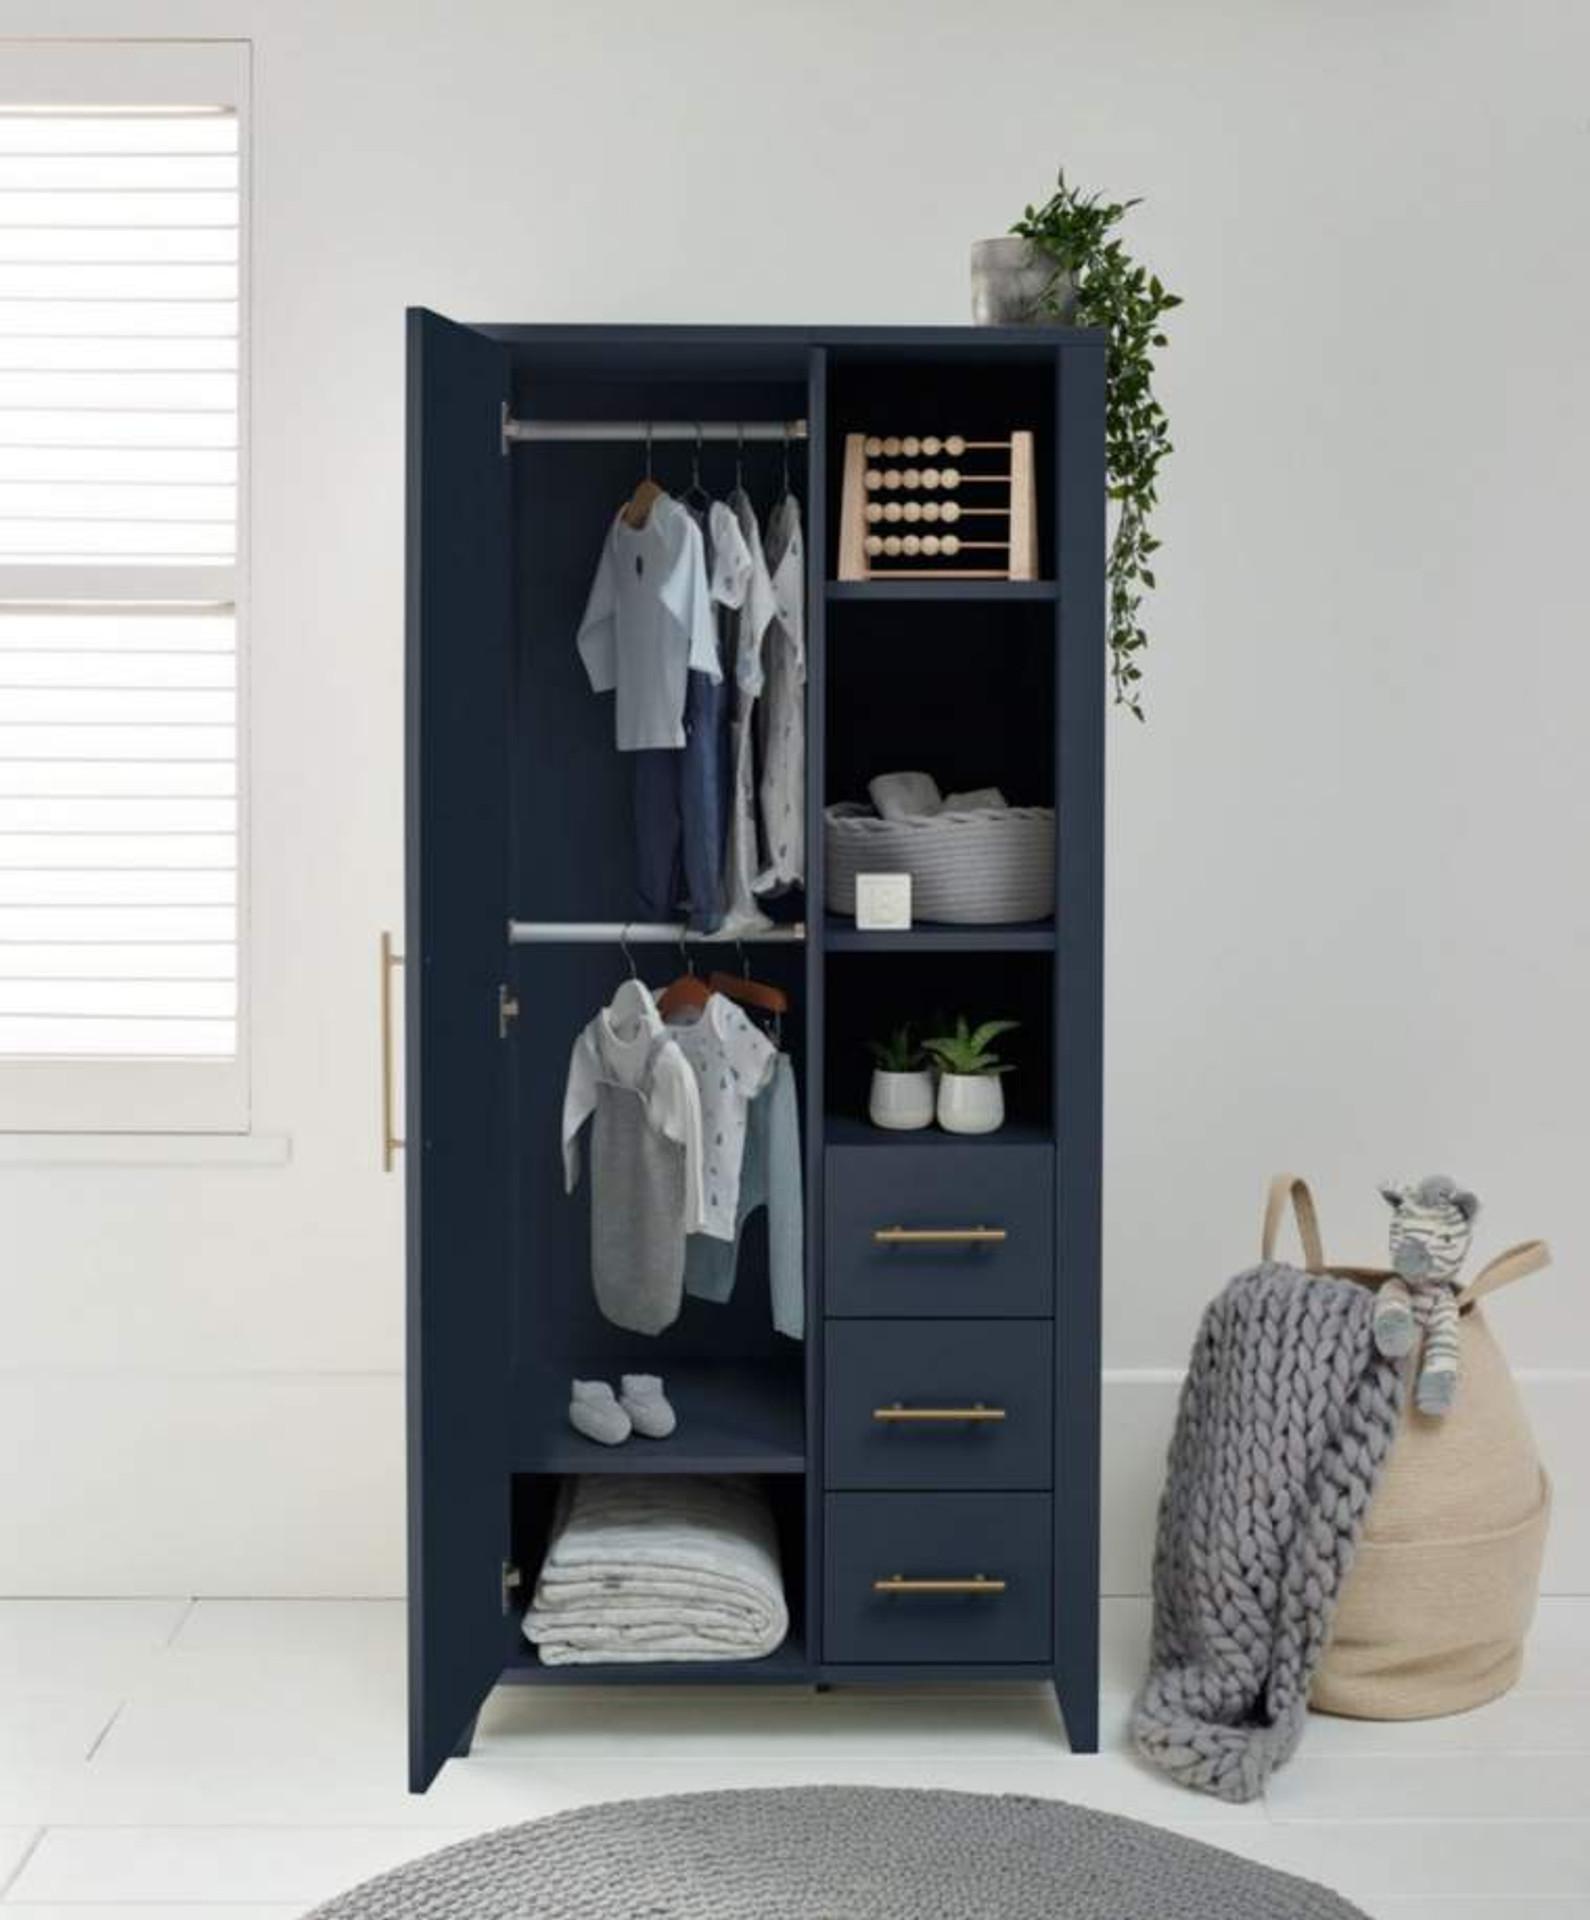 Mamas & Papas Melfi Storage Wardrobe - Midnight